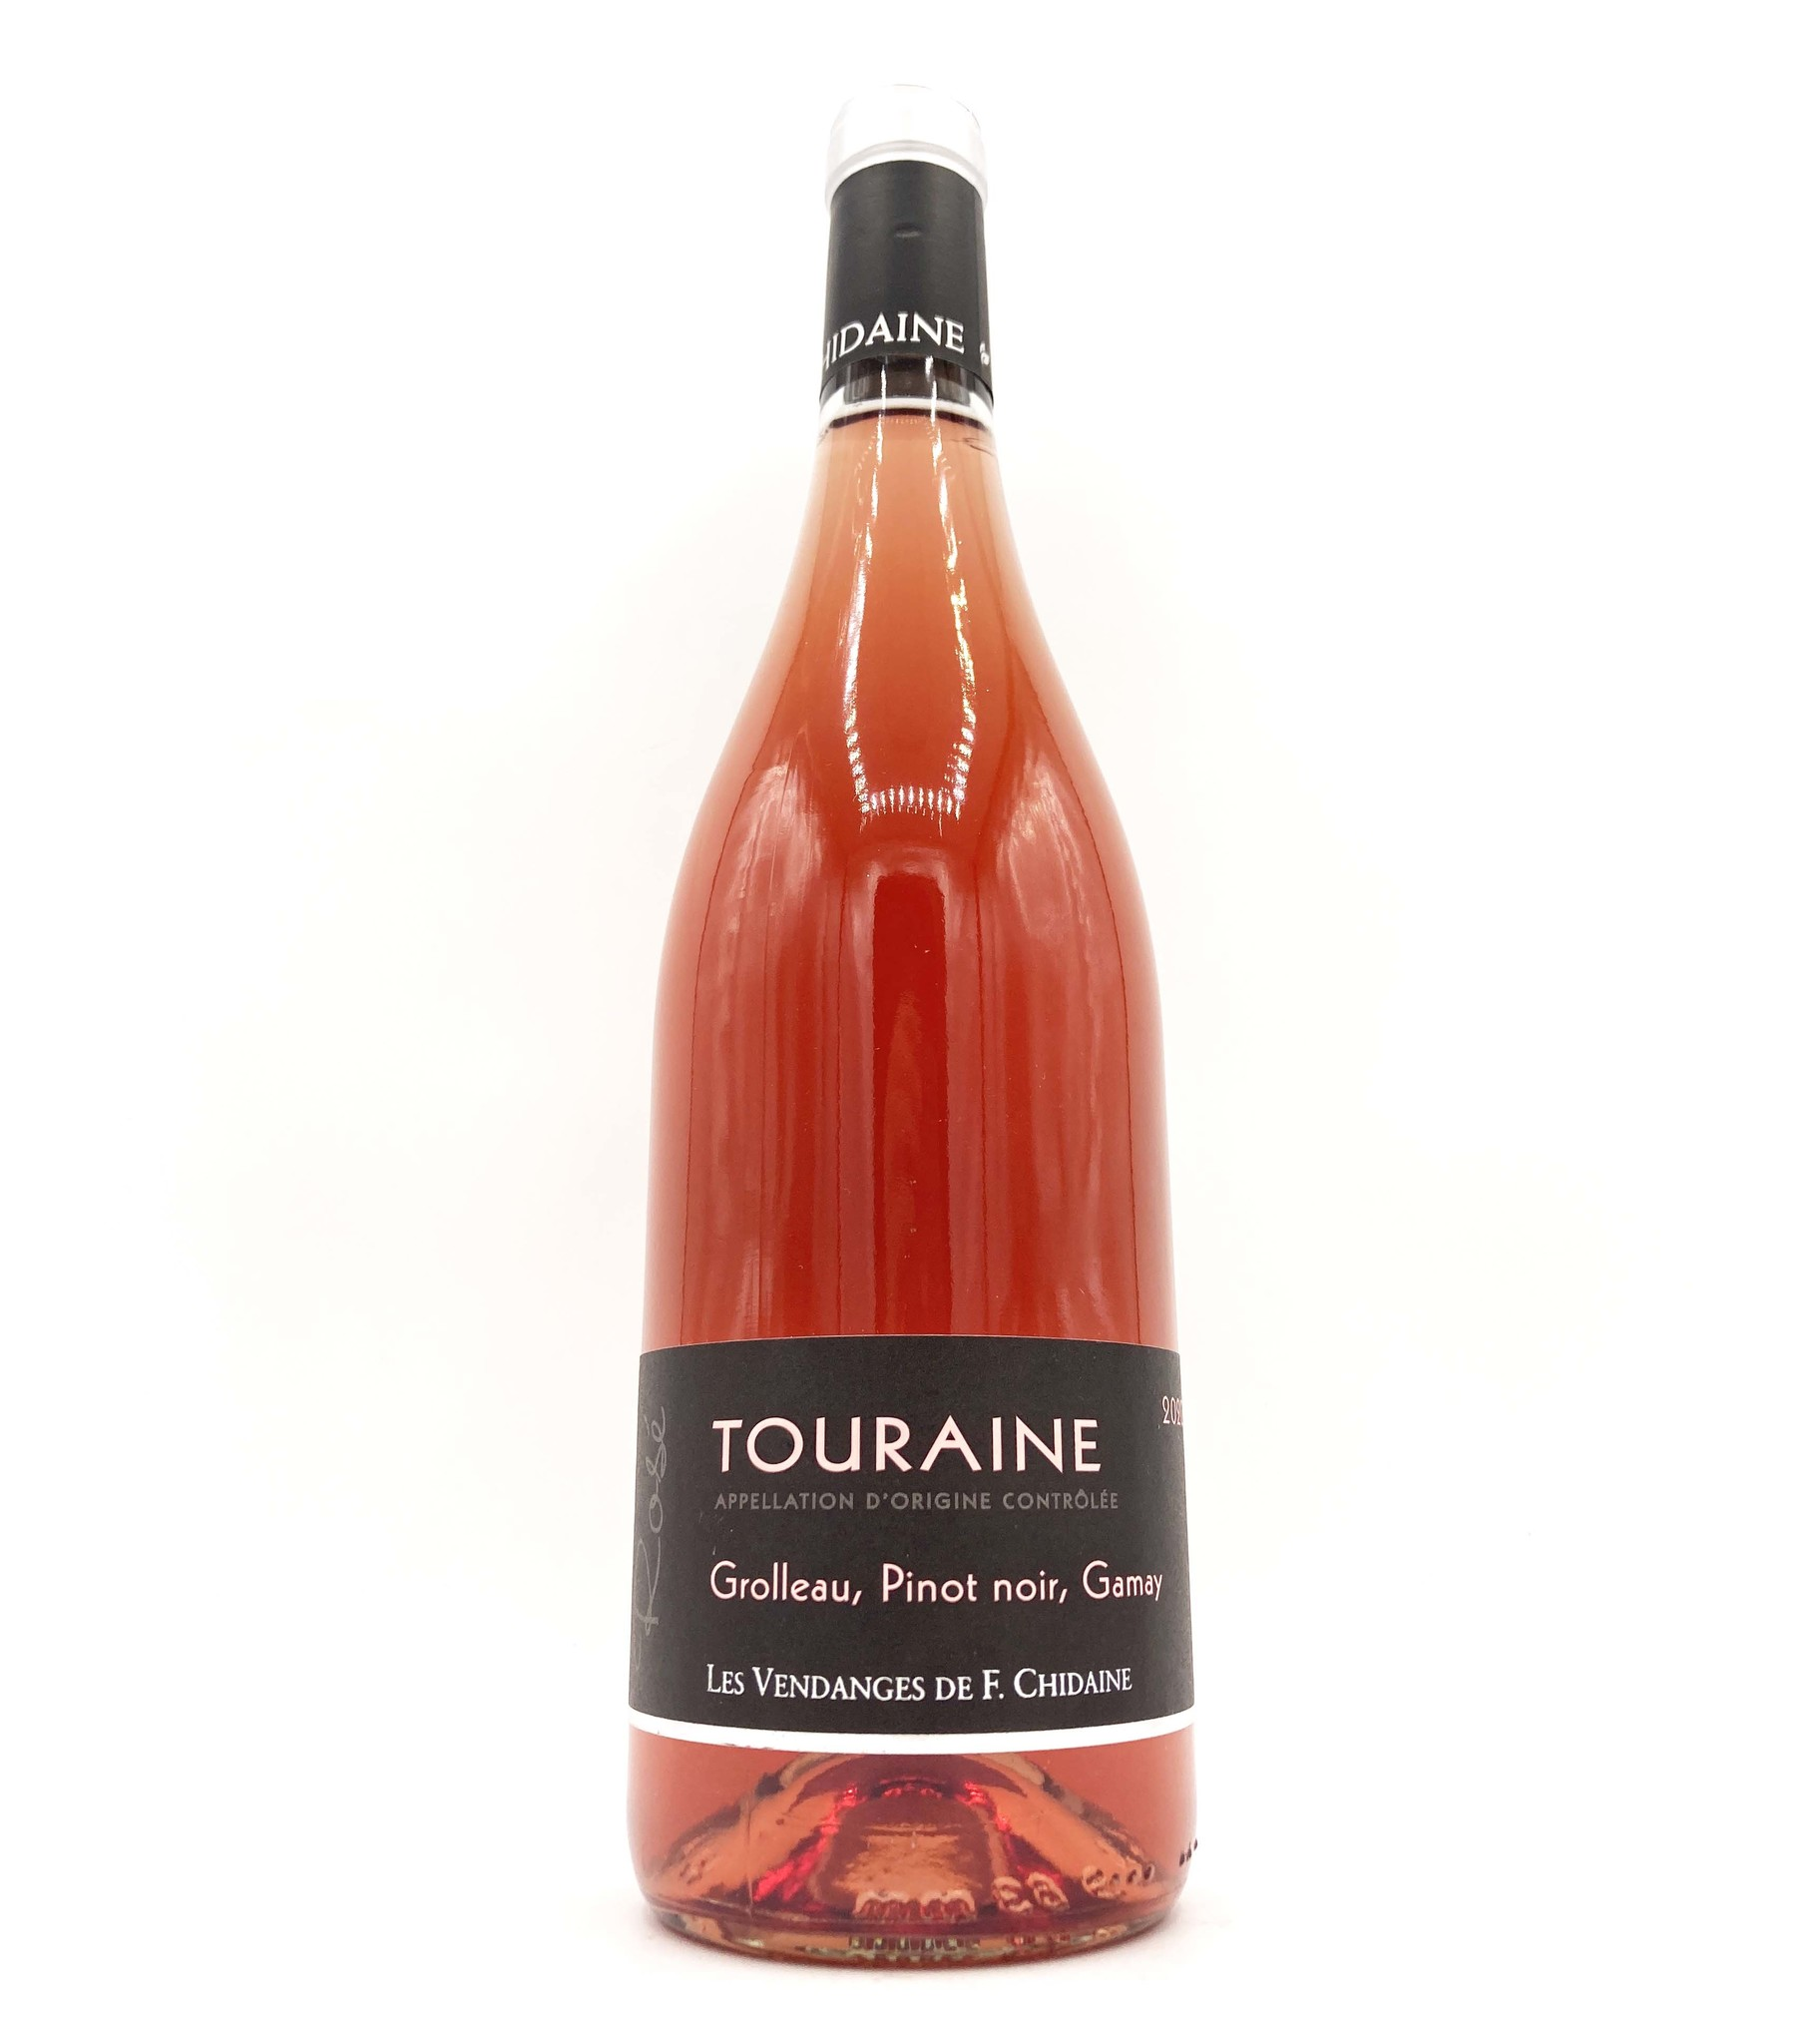 Touraine Rosé 2020 François Chidaine